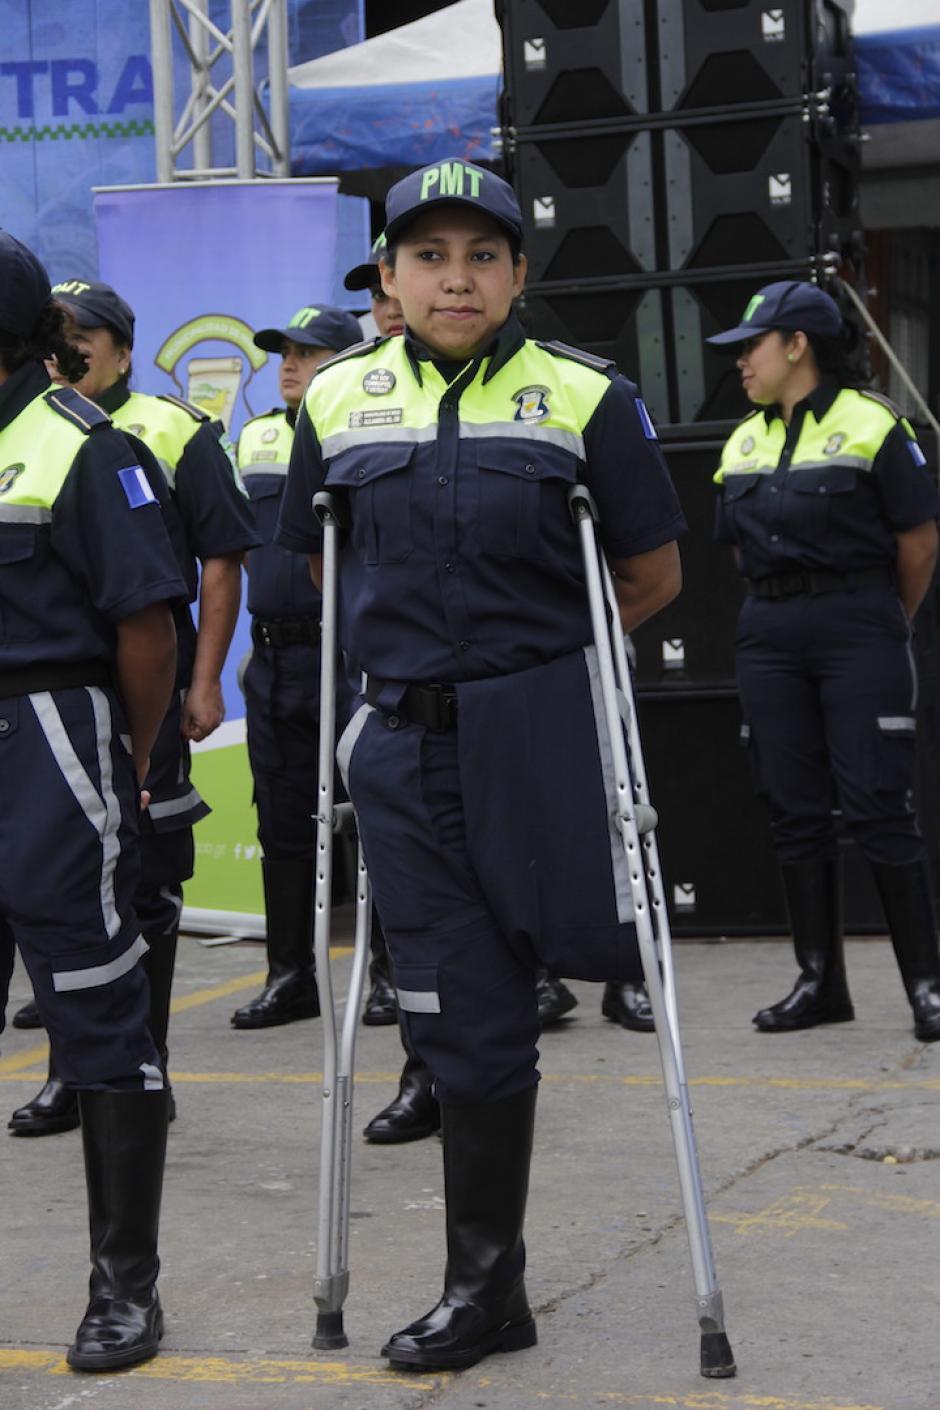 Alejandra perdió la pierna izquierda en un accidente cuando era niña. (Foto: Fredy Hernández/Soy502)